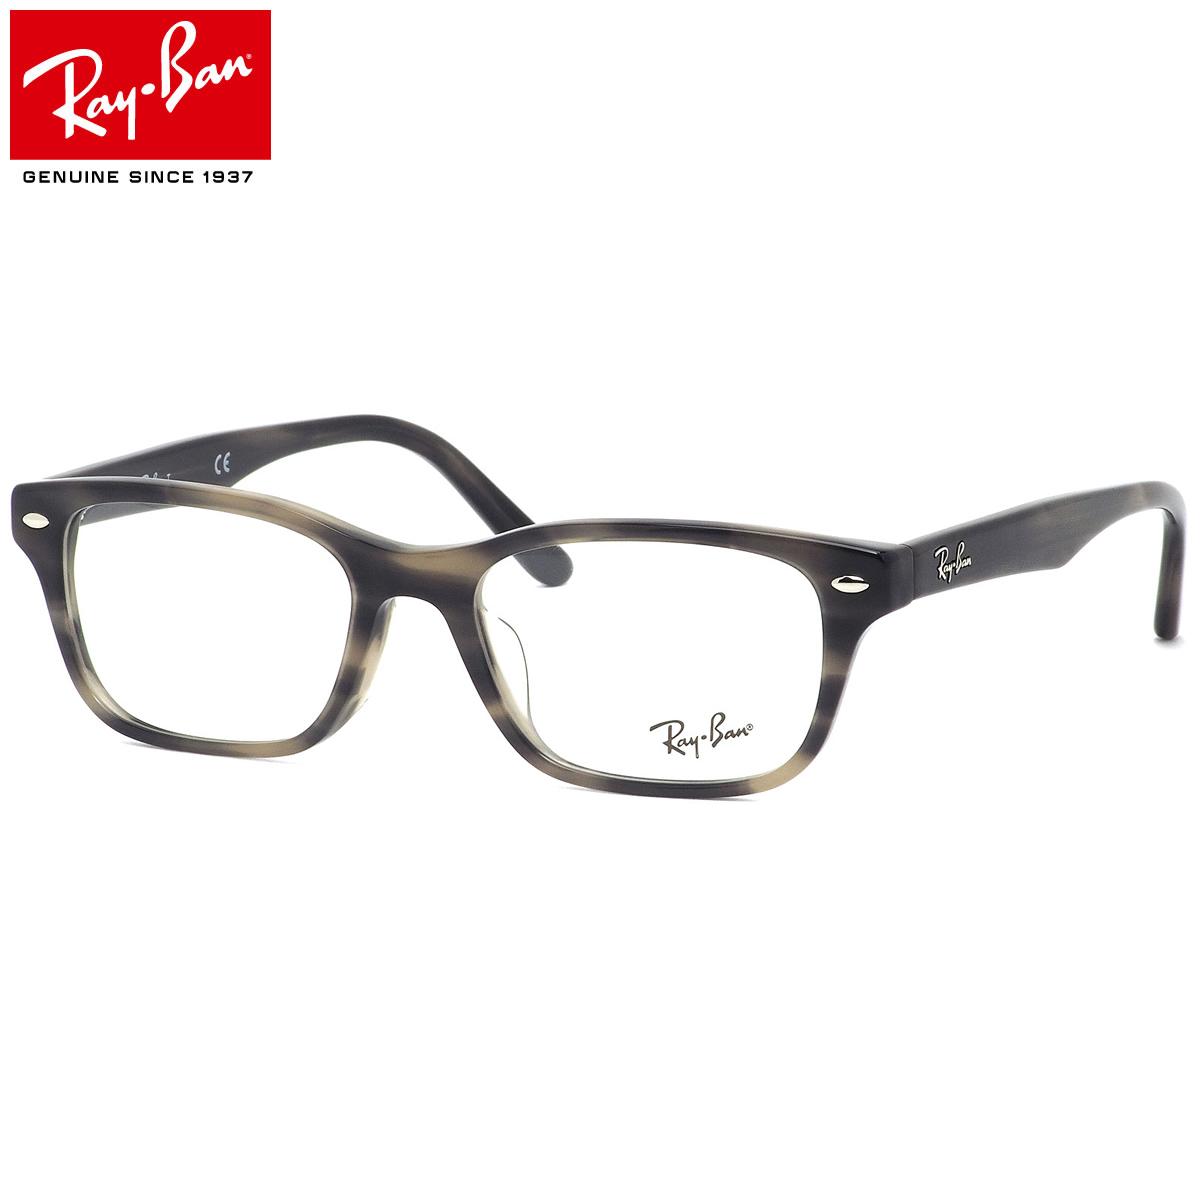 Ray-Ban レイバン メガネ RX5345D 5855 53サイズ レクタングル スクエア ASIAN FIT アジアンフィット ハバナ トータス べっ甲 デミ グレー おしゃれ 知的 クール かっこいい メンズ レディース